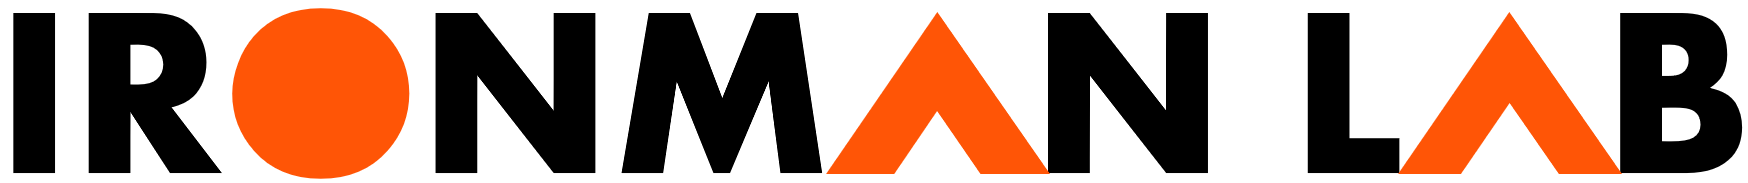 IRONMAN LAB/アイアンマンラボ:パーソナルトレーニングジム